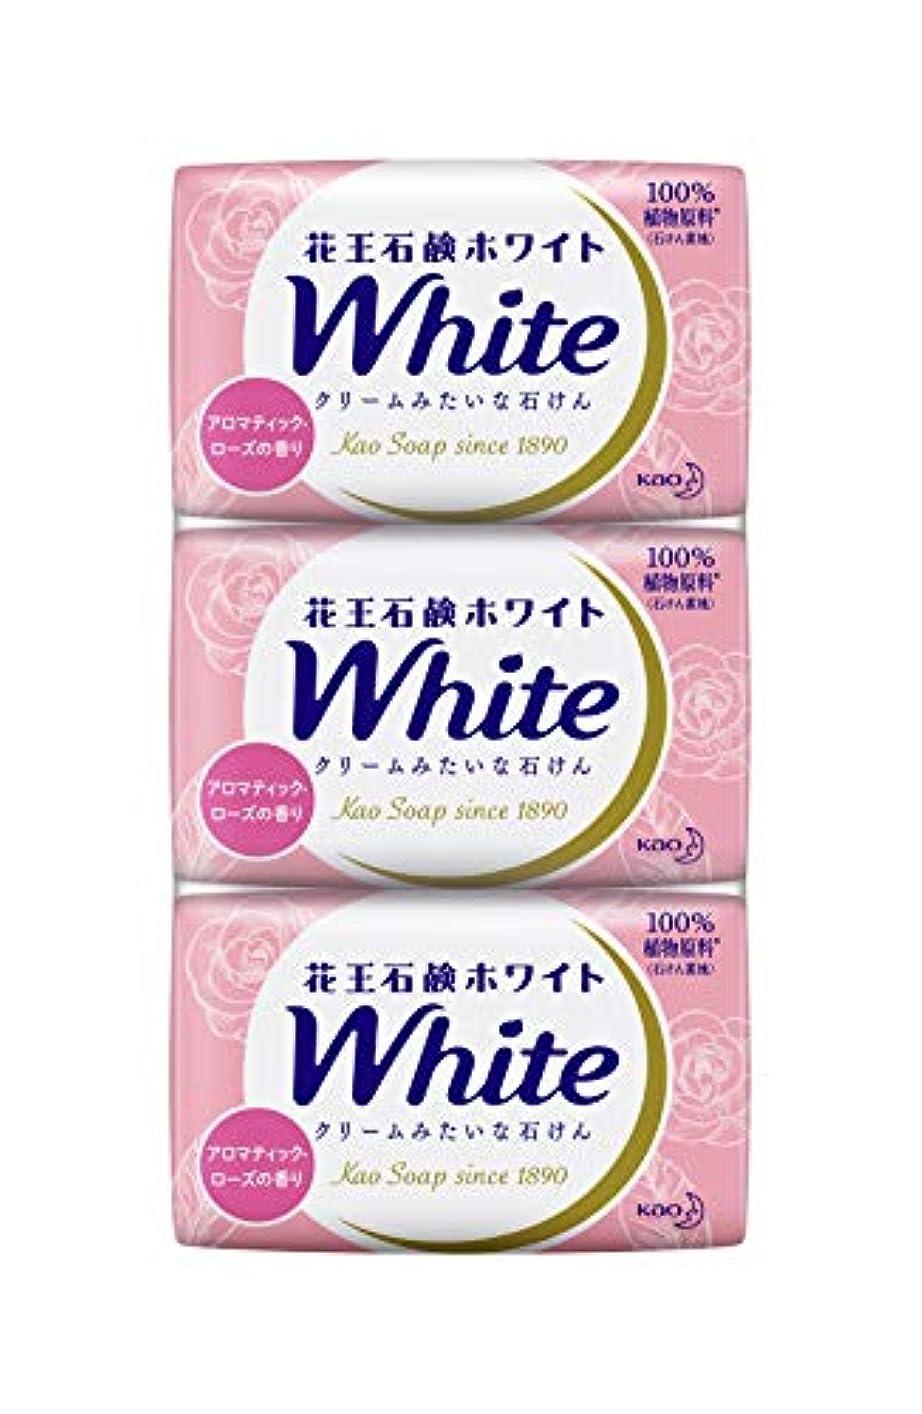 国際販売計画正規化花王ホワイト アロマティックローズの香り レギュラーサイズ3コ